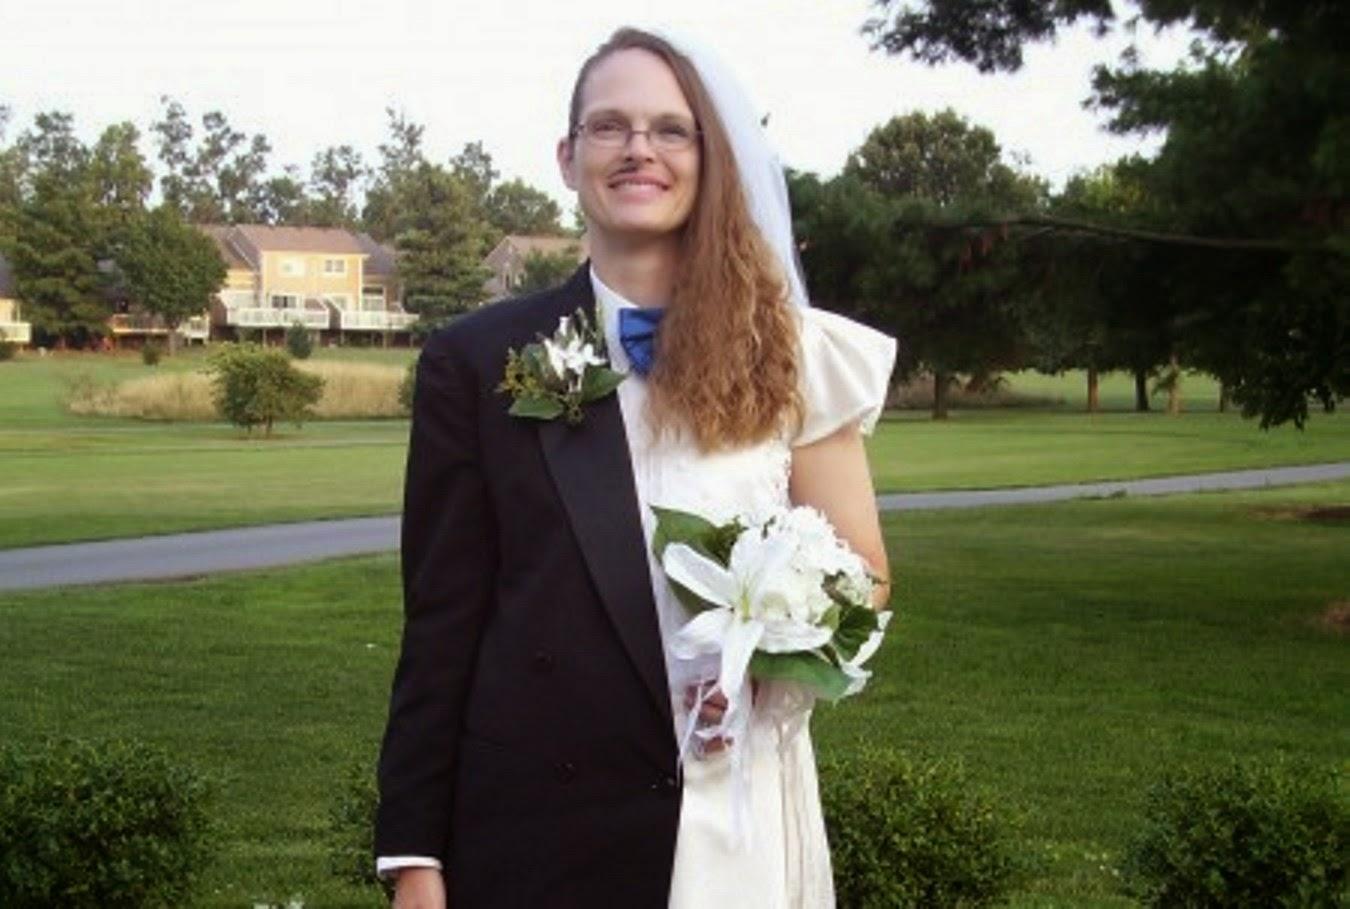 Inilah 5 Rekod Perkahwinan Paling Pelik